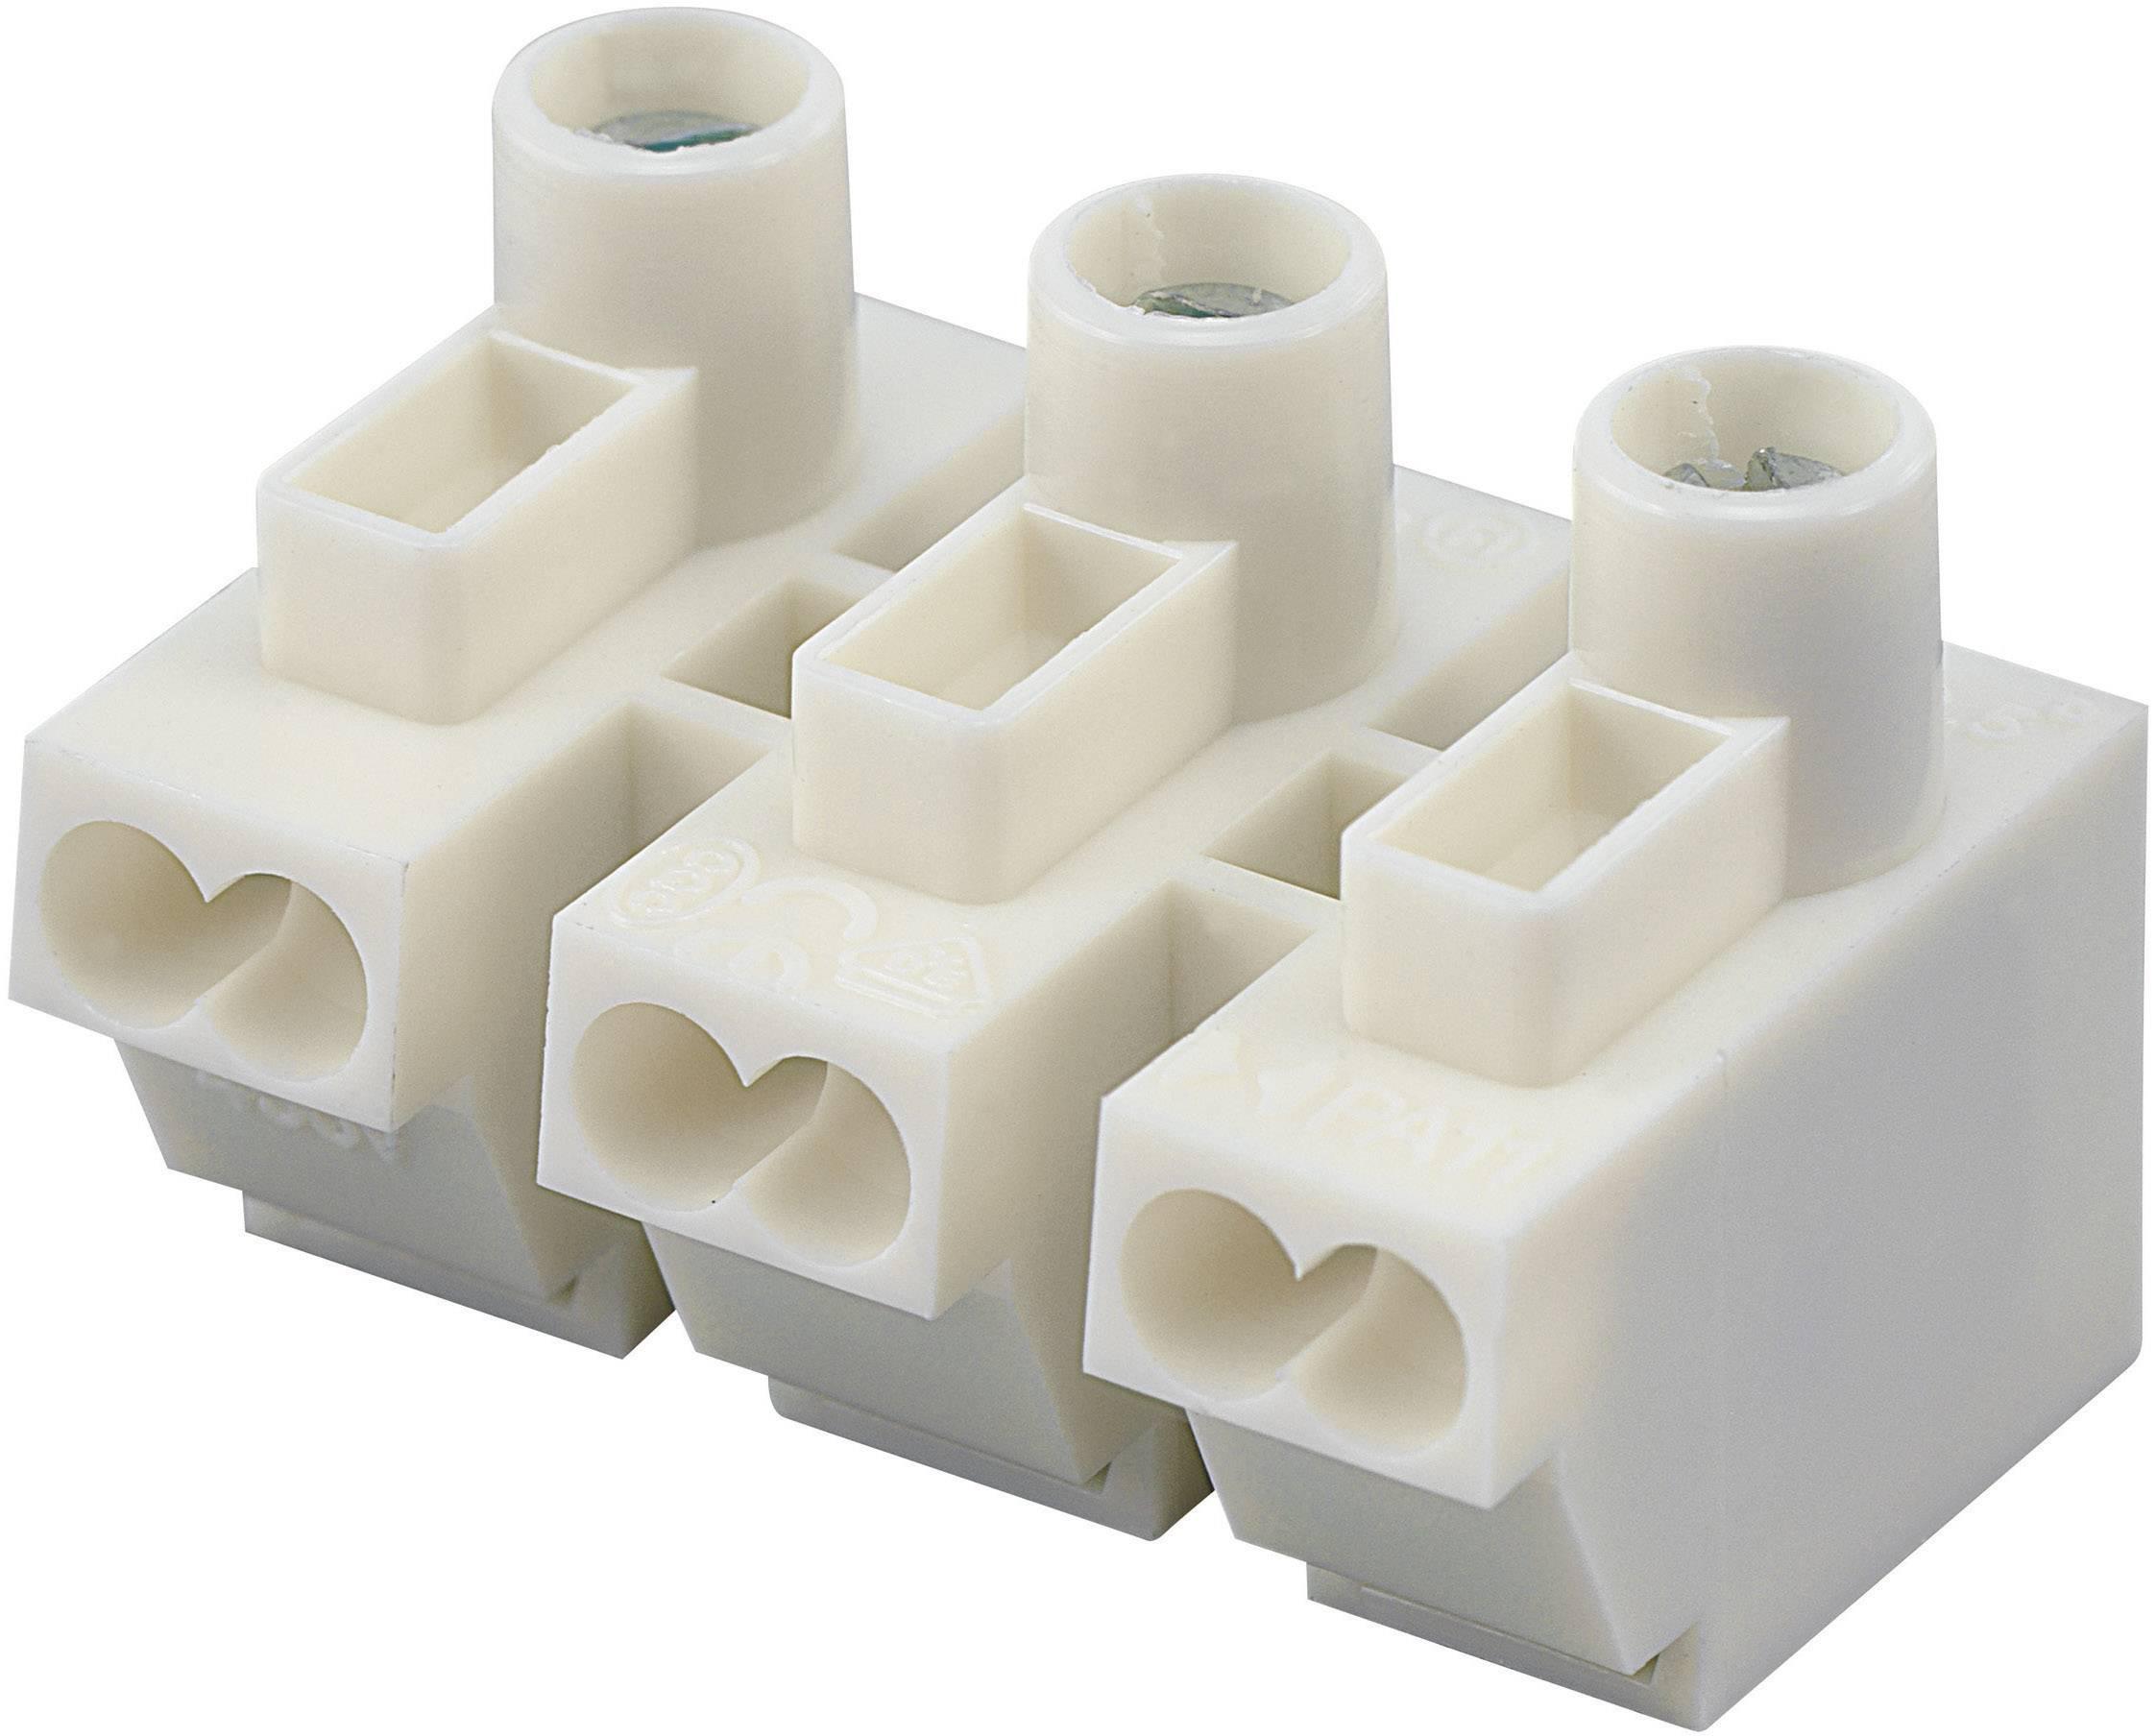 Prístrojová svorkovnica na kábel s rozmerom 0.5-1.5 mm², pólů 3, 1 ks, biela